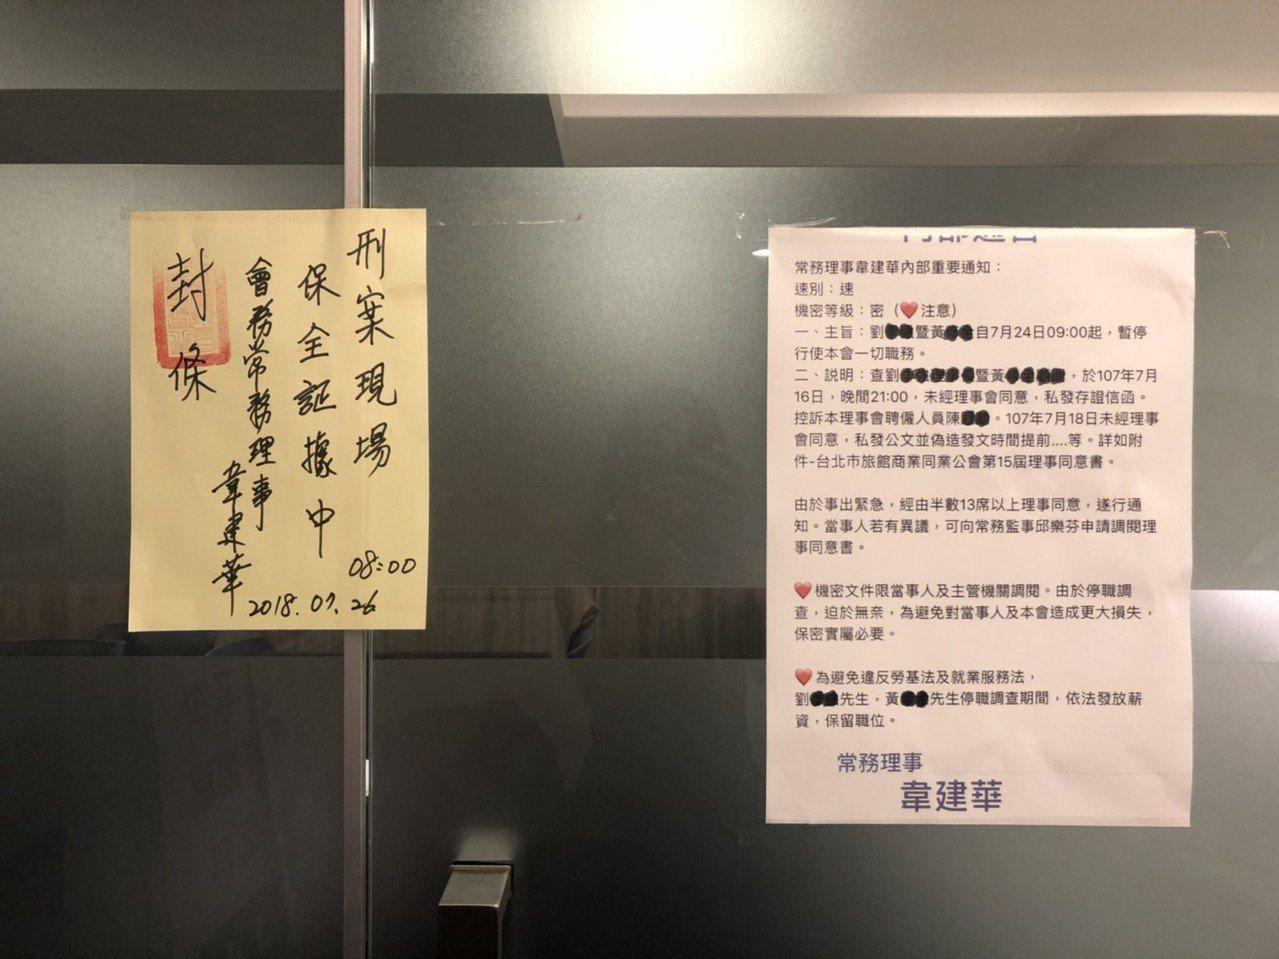 台北市旅館商業同業公會因分裂鬧上警局,會議室一度遭到查封。聯合報系資料照